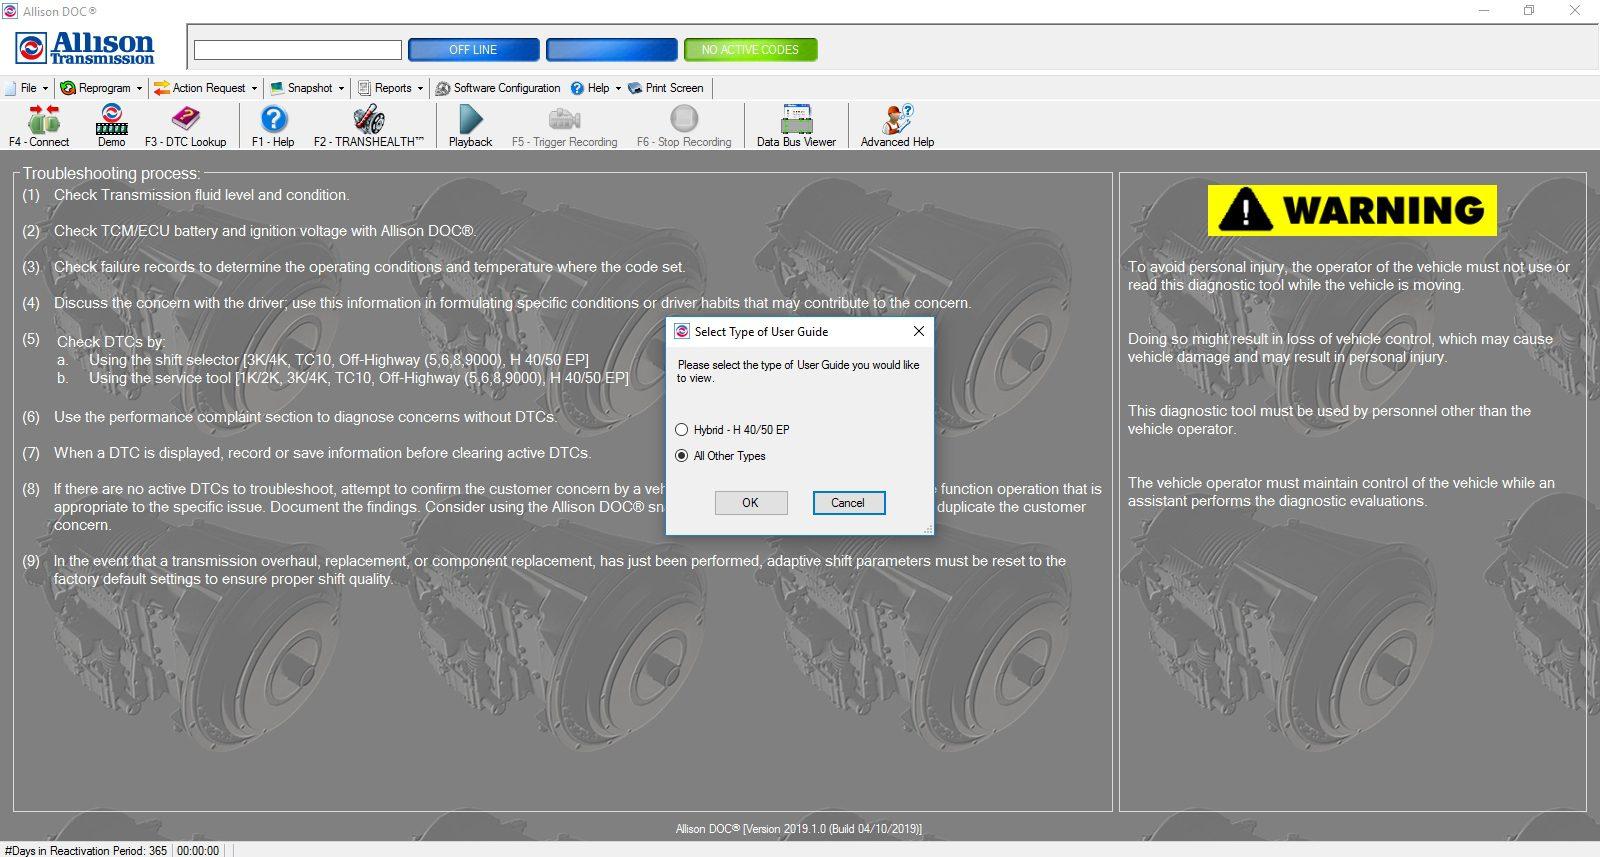 Universal_Allison_DOC_v201910_Build_042019_Transmission_Diagnostic_Software_Full_Instruction_7